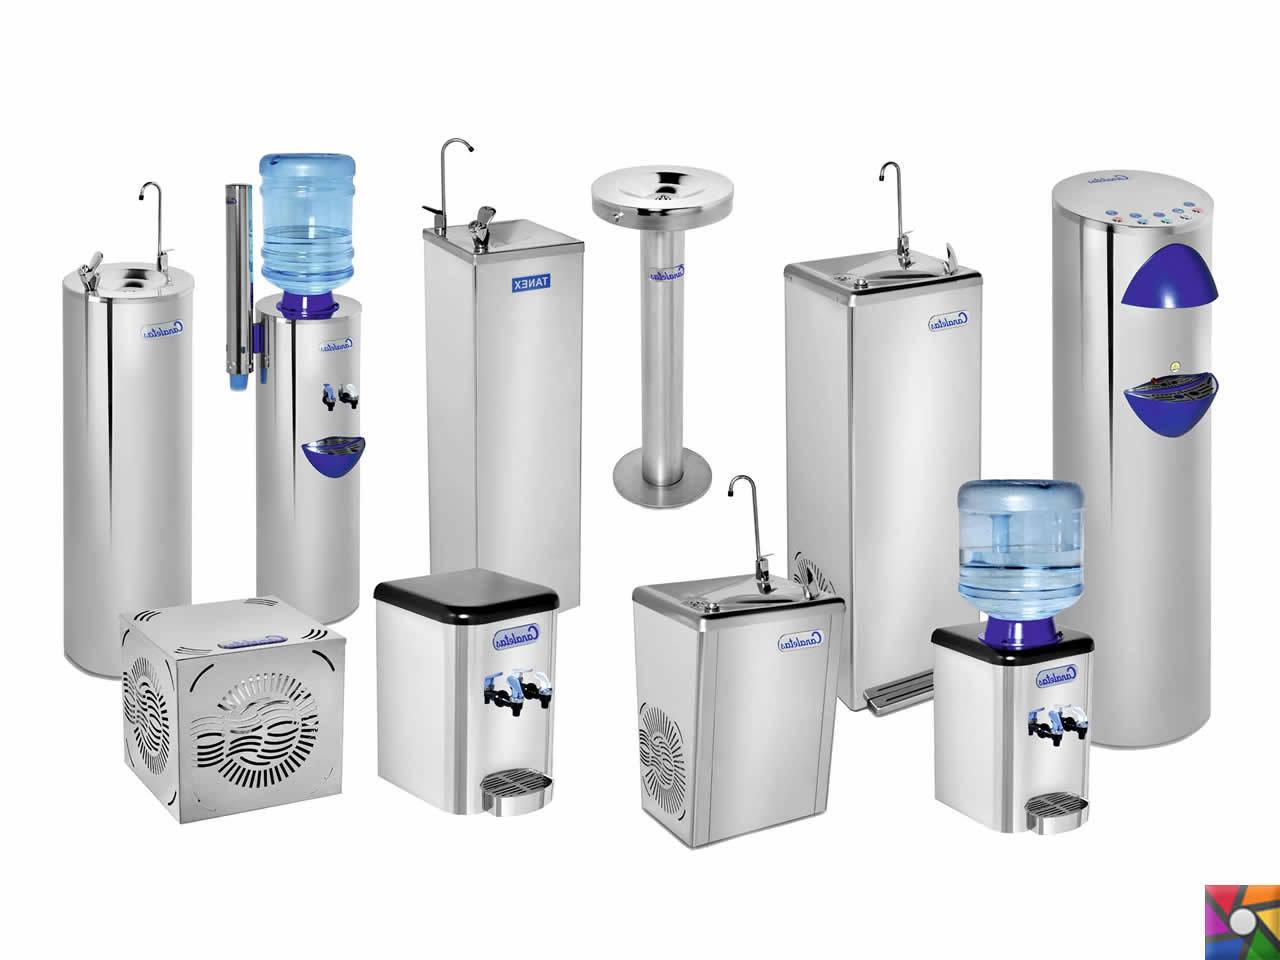 Evde Su Sebili Nasıl Temizlenir